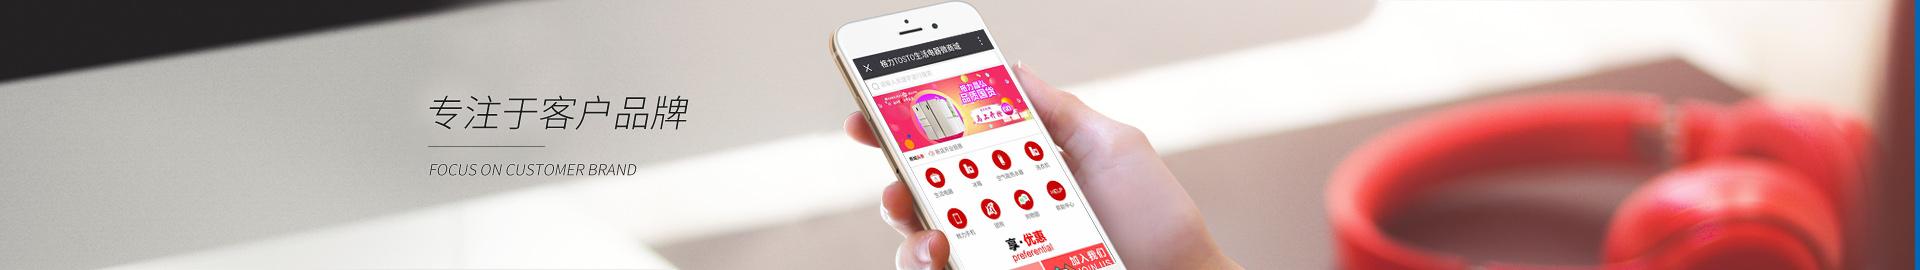 深圳市煊成新材料科技有限公司-网站案例-案例-实搜网络